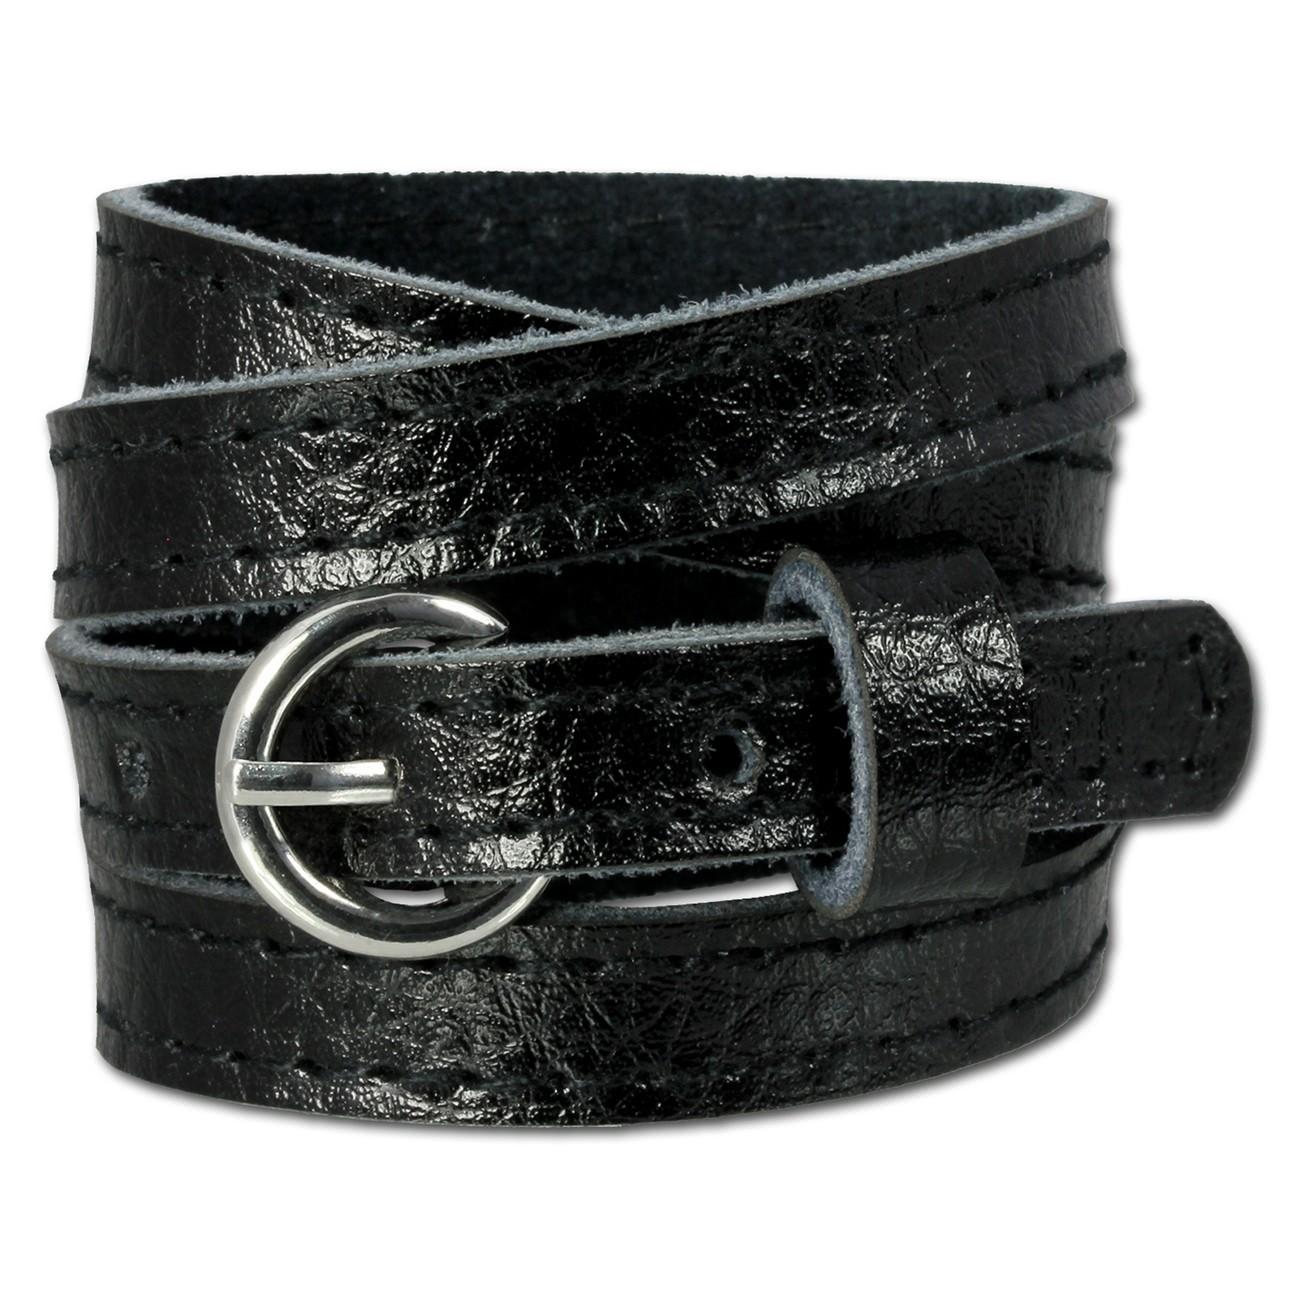 SilberDream Lederarmband schwarz unisex Leder Armband LAC560S